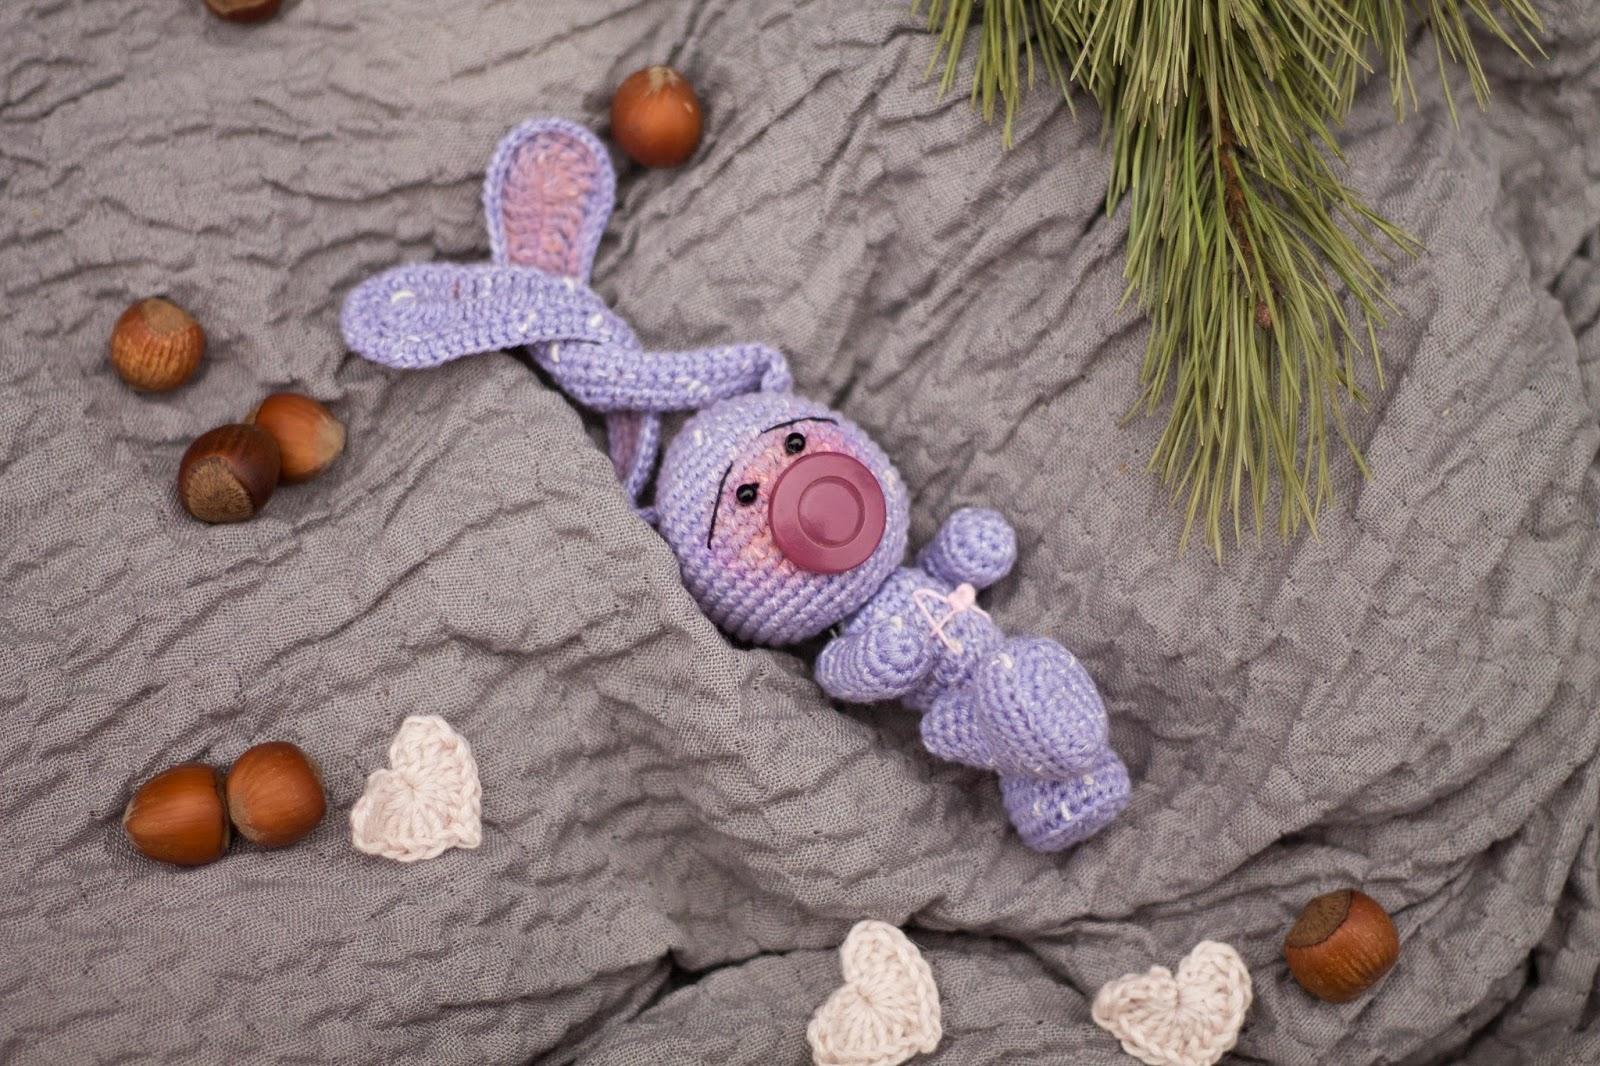 вязанная игрушка, вязанный зайчик, вязанная зайка, зайка крючком, красивые фотографии, зайка фото, игрушка фото